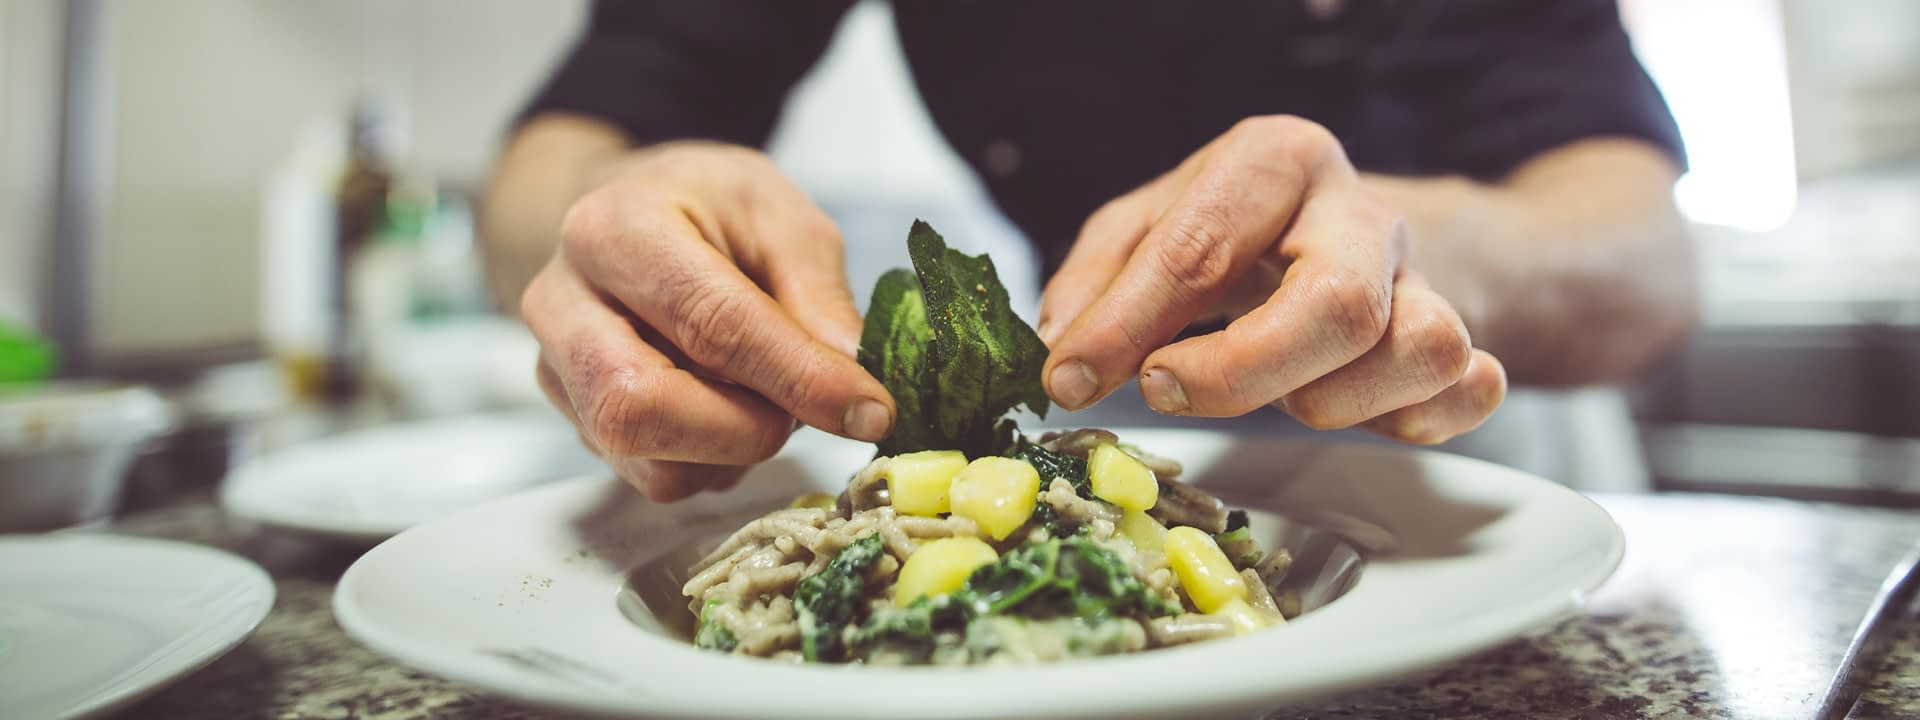 Migliori offerte food nella ski area Mottolino a Livigno